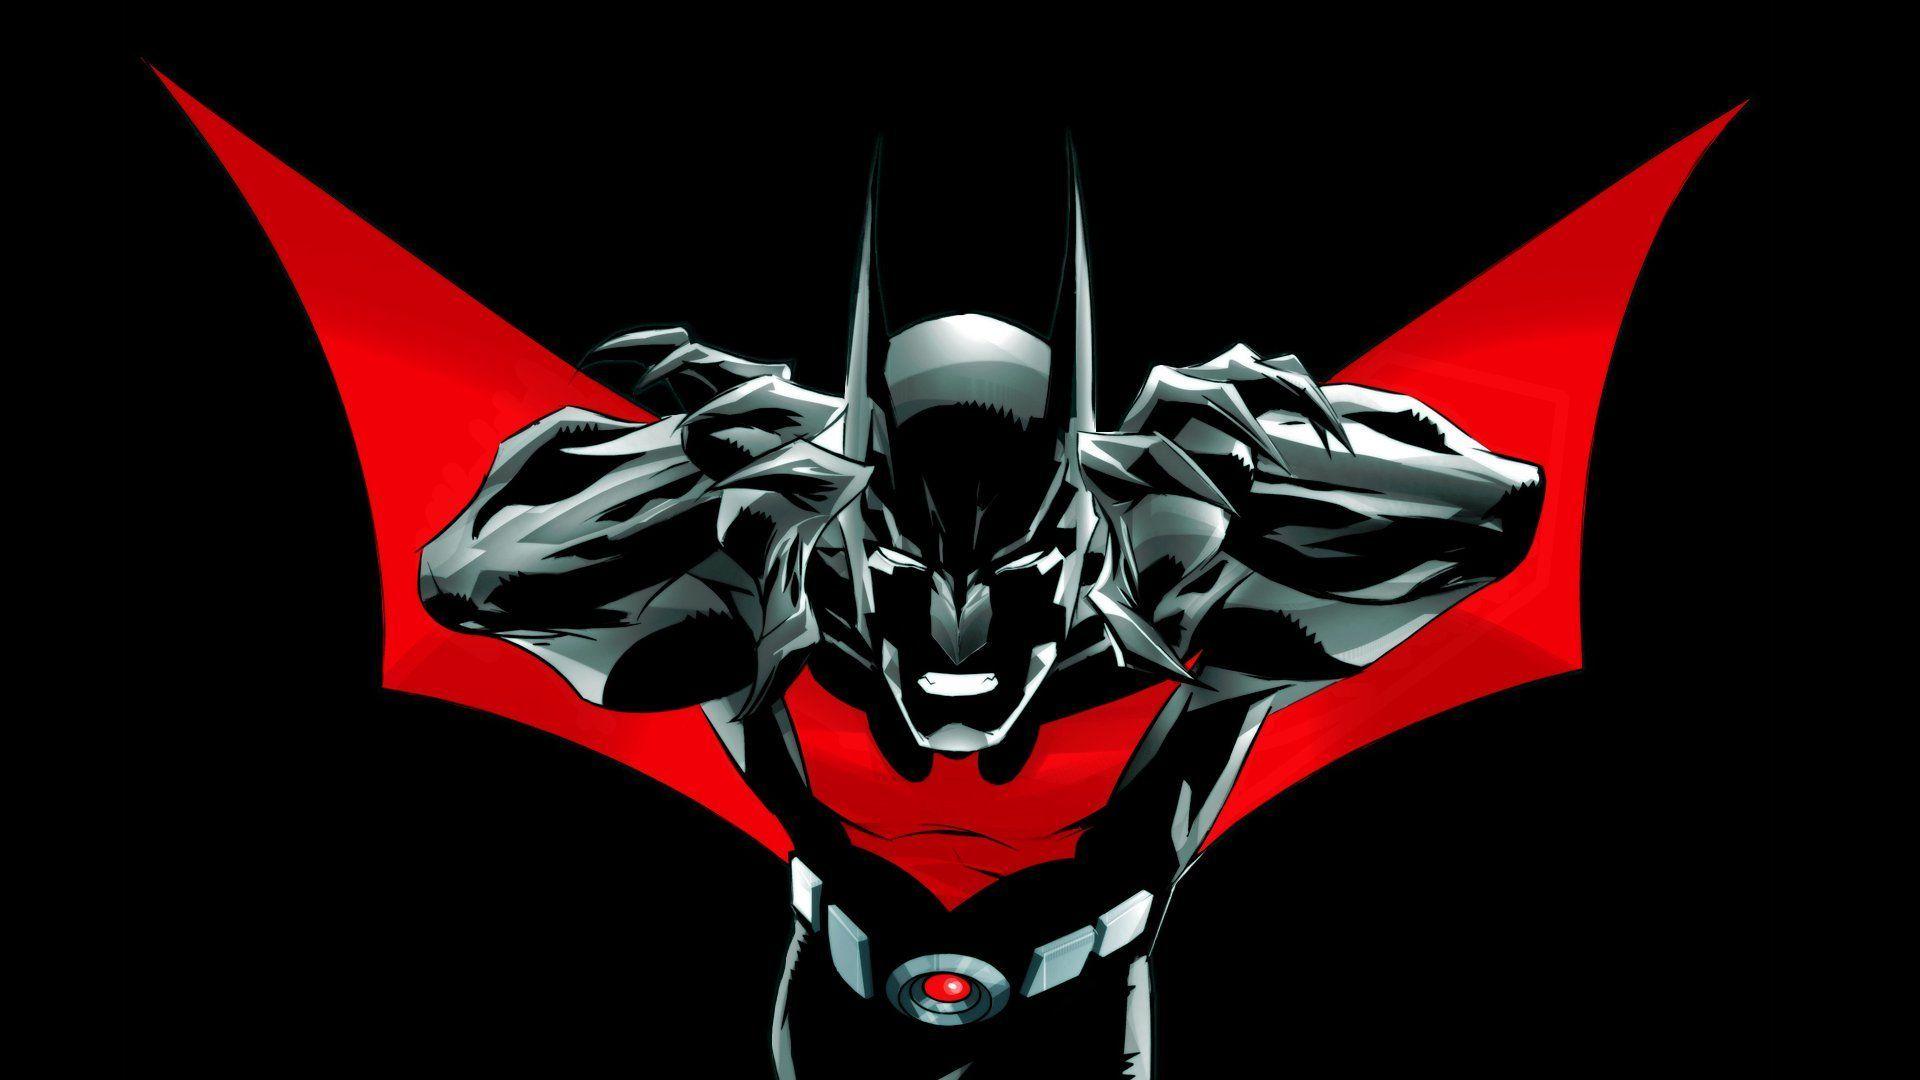 [47+] Batman Beyond Wallpaper HD on WallpaperSafari